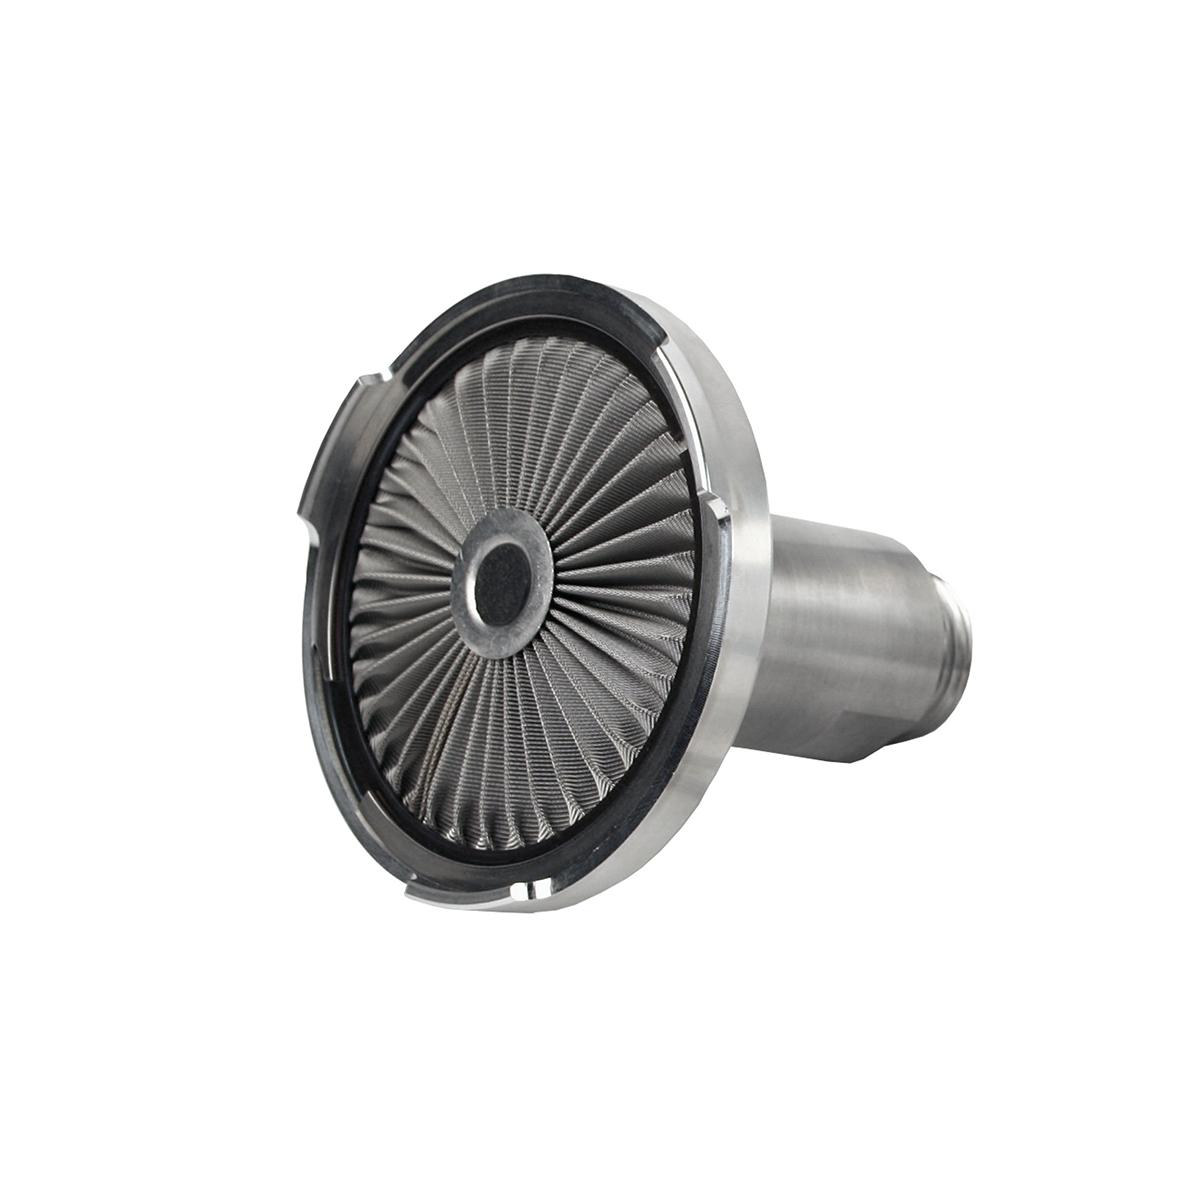 Fuel Filter Kit Evasive Motorsports Aeromotive Pickup W 100 Micron